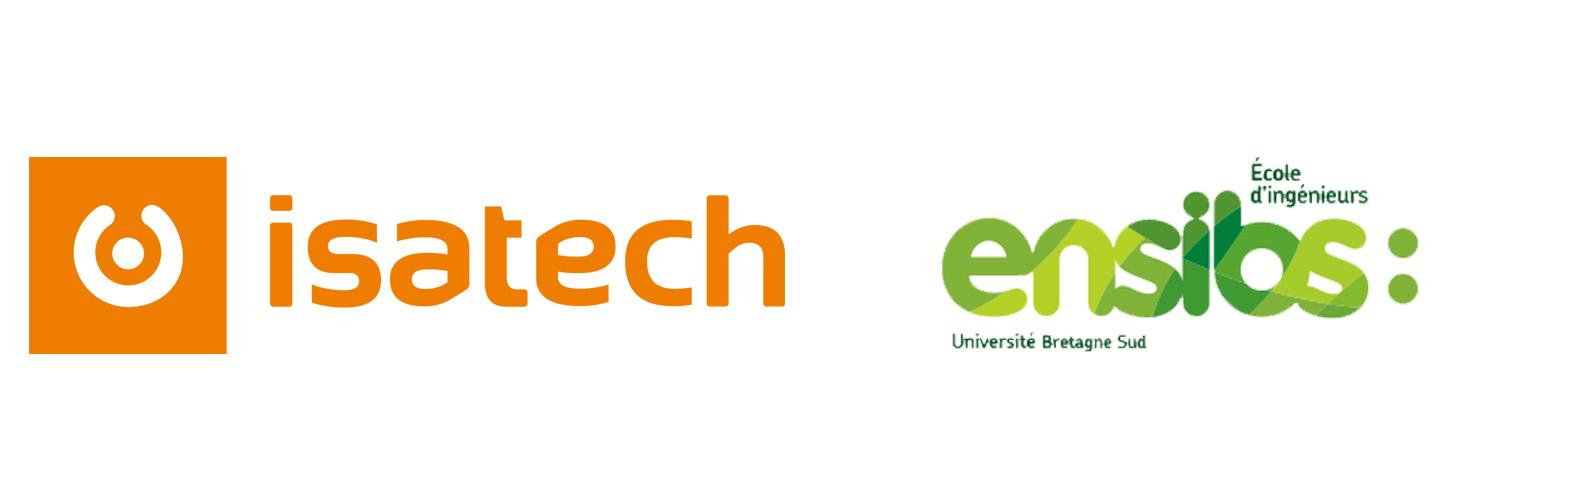 Isatech et l'ENSIBS, partenaires de l'innovation